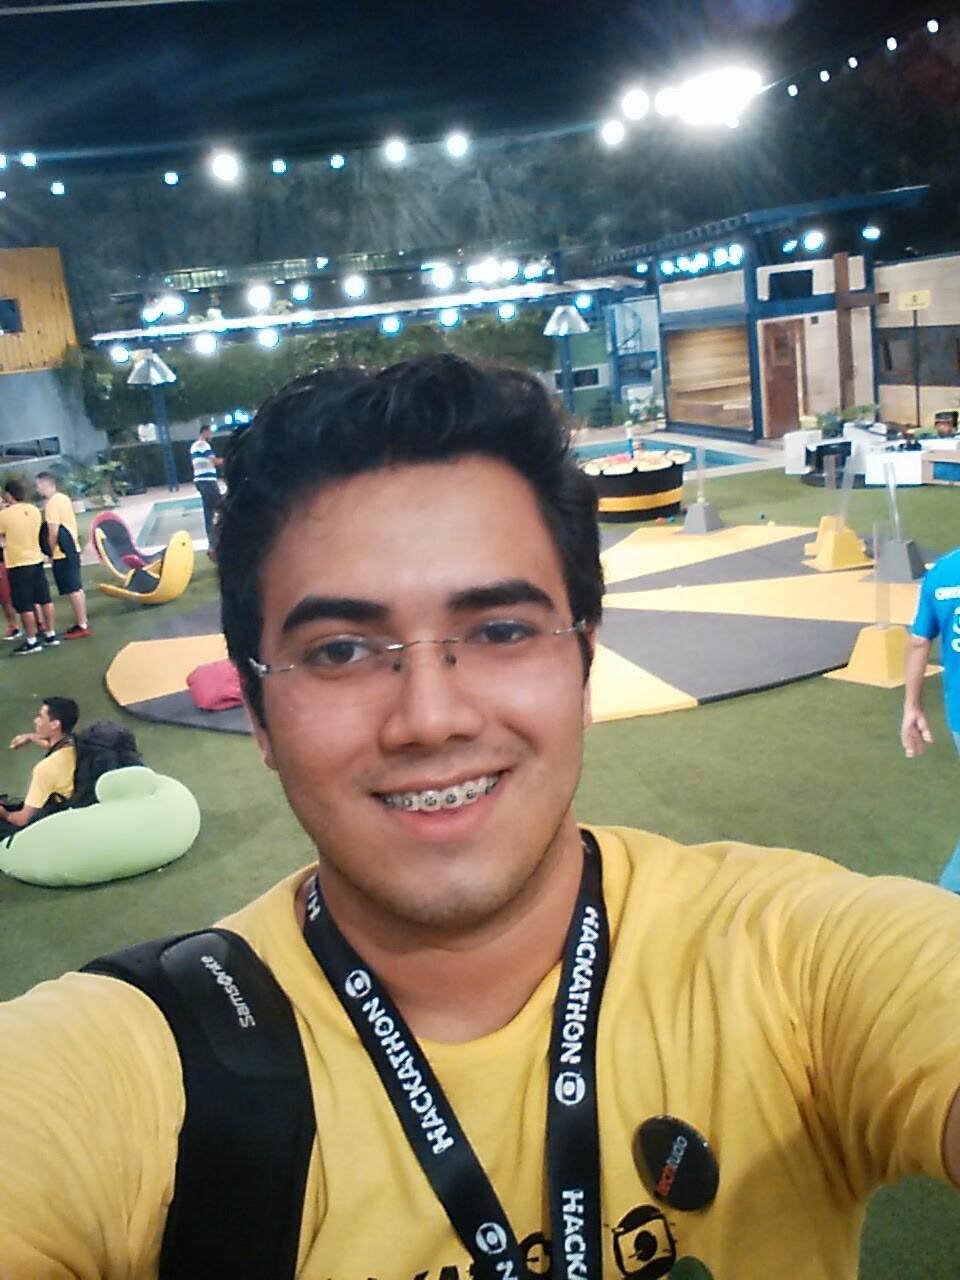 Allex Lima, representante do Amazonas, no Hackathon Globo 2016 (Foto: Arquivo Pessoal)